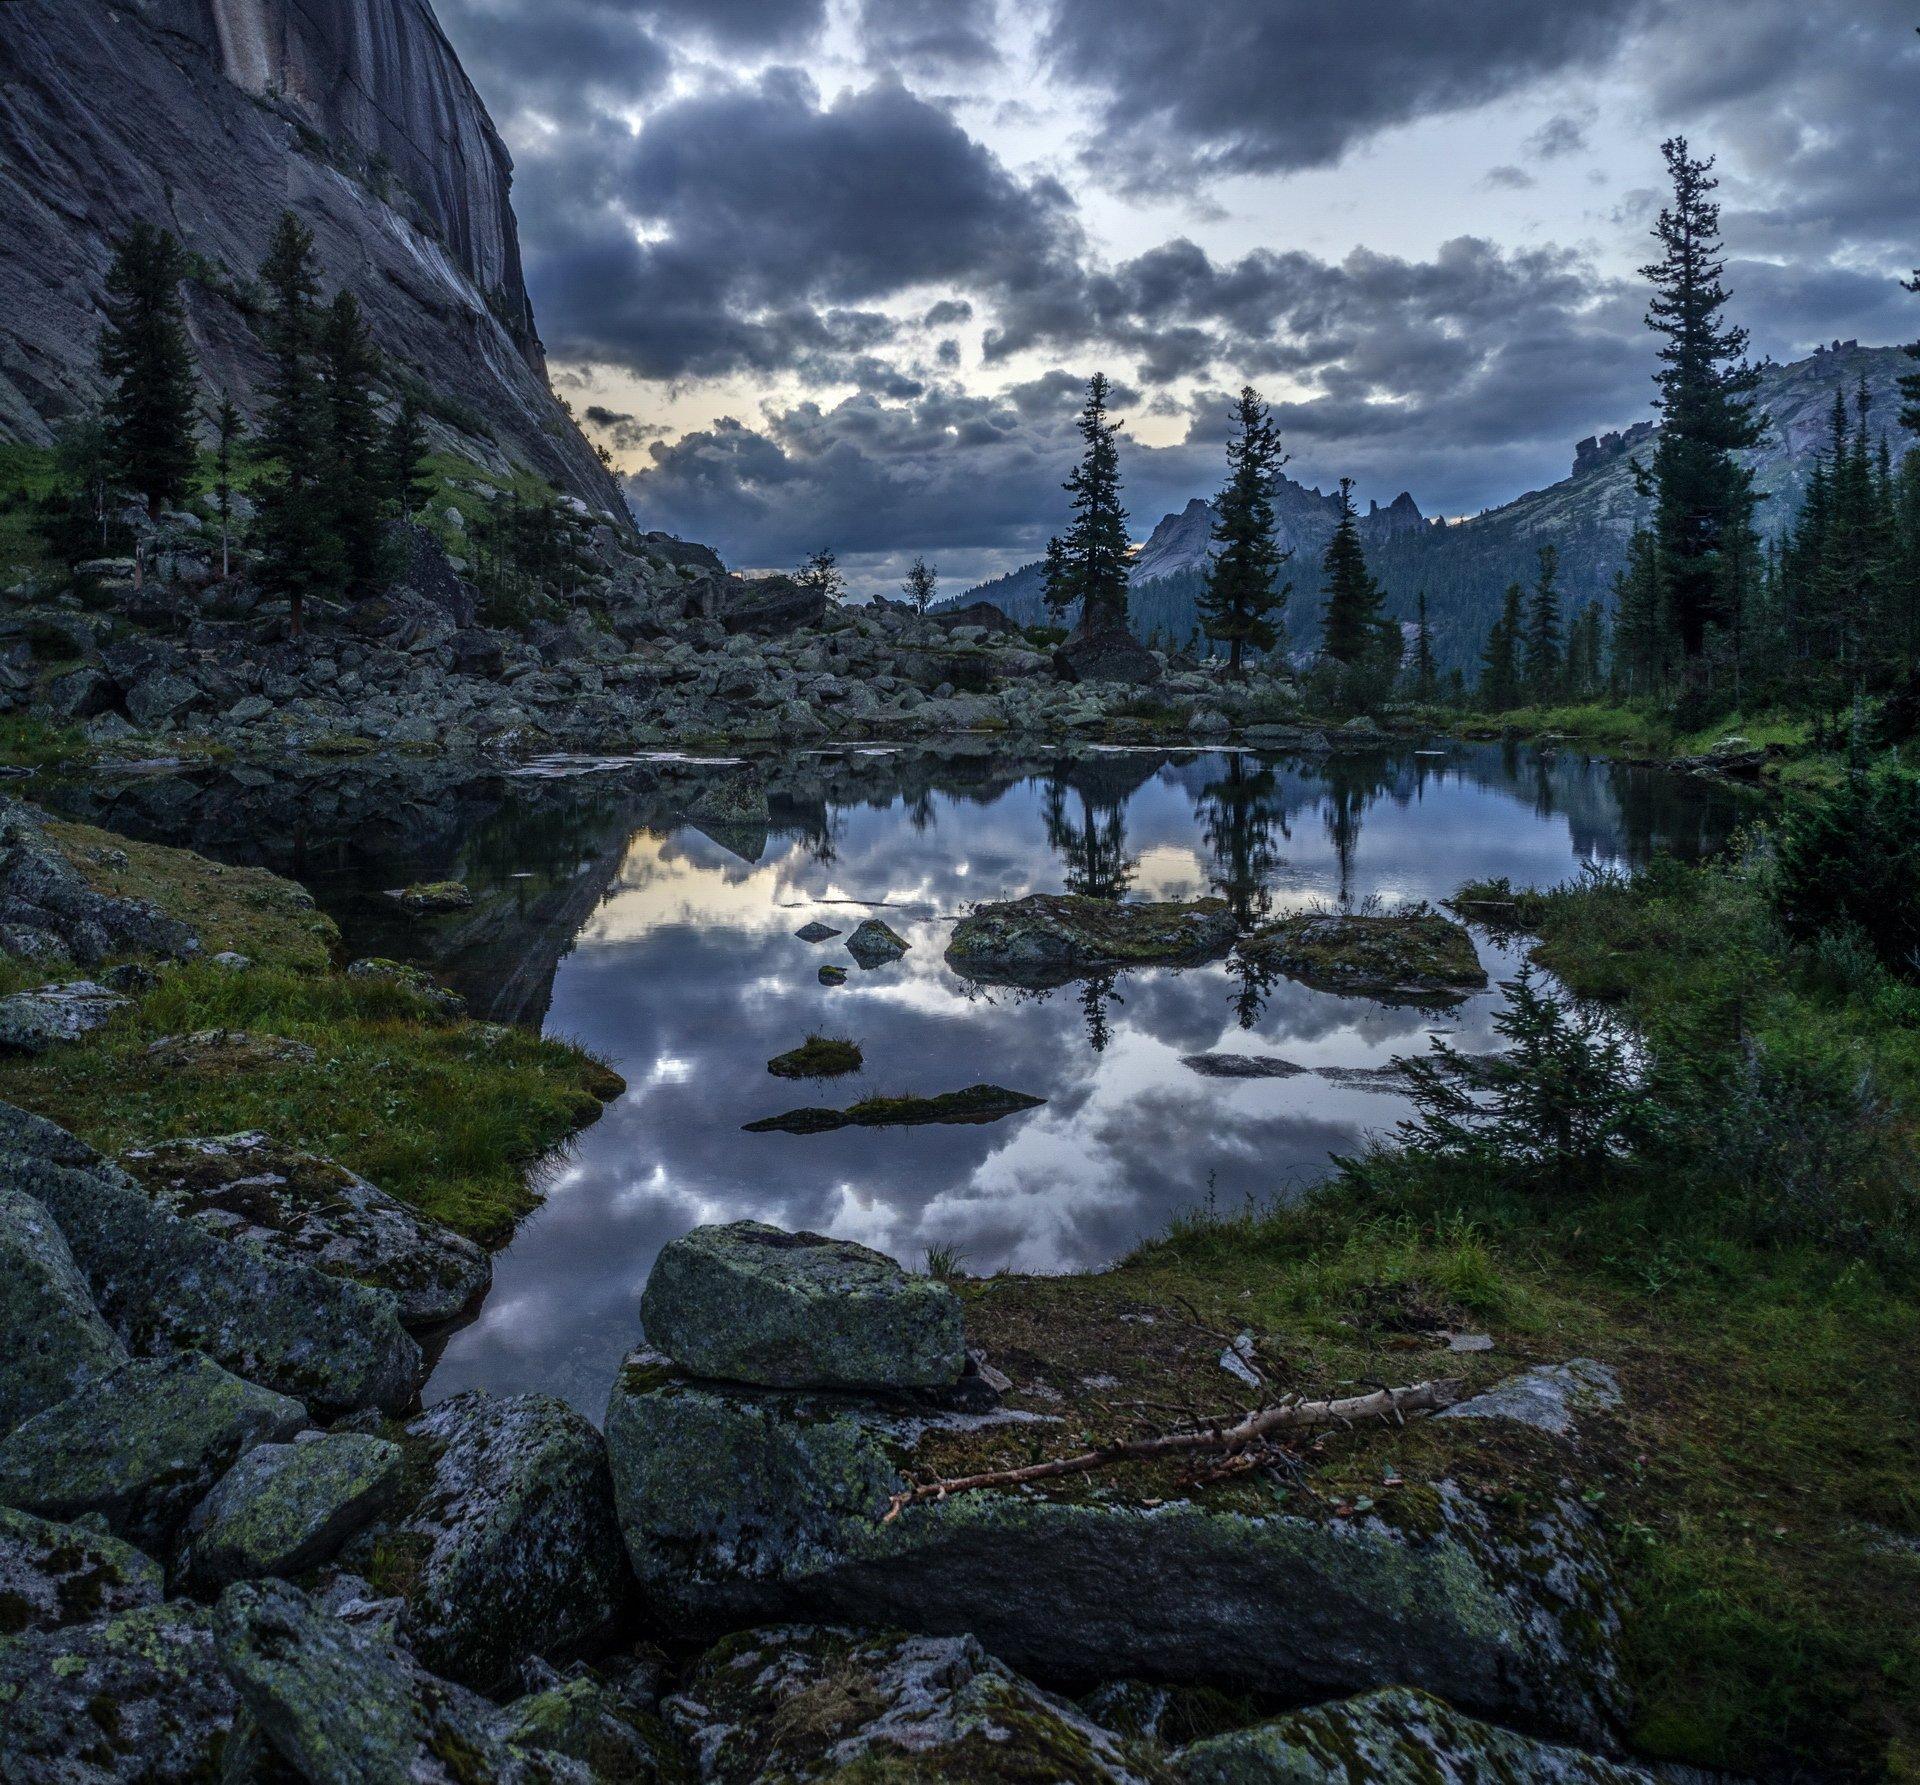 горы, сибирь, саяны, западный саян, озеро, таёжный глаз, отражение, сумерки, Васильев Николай